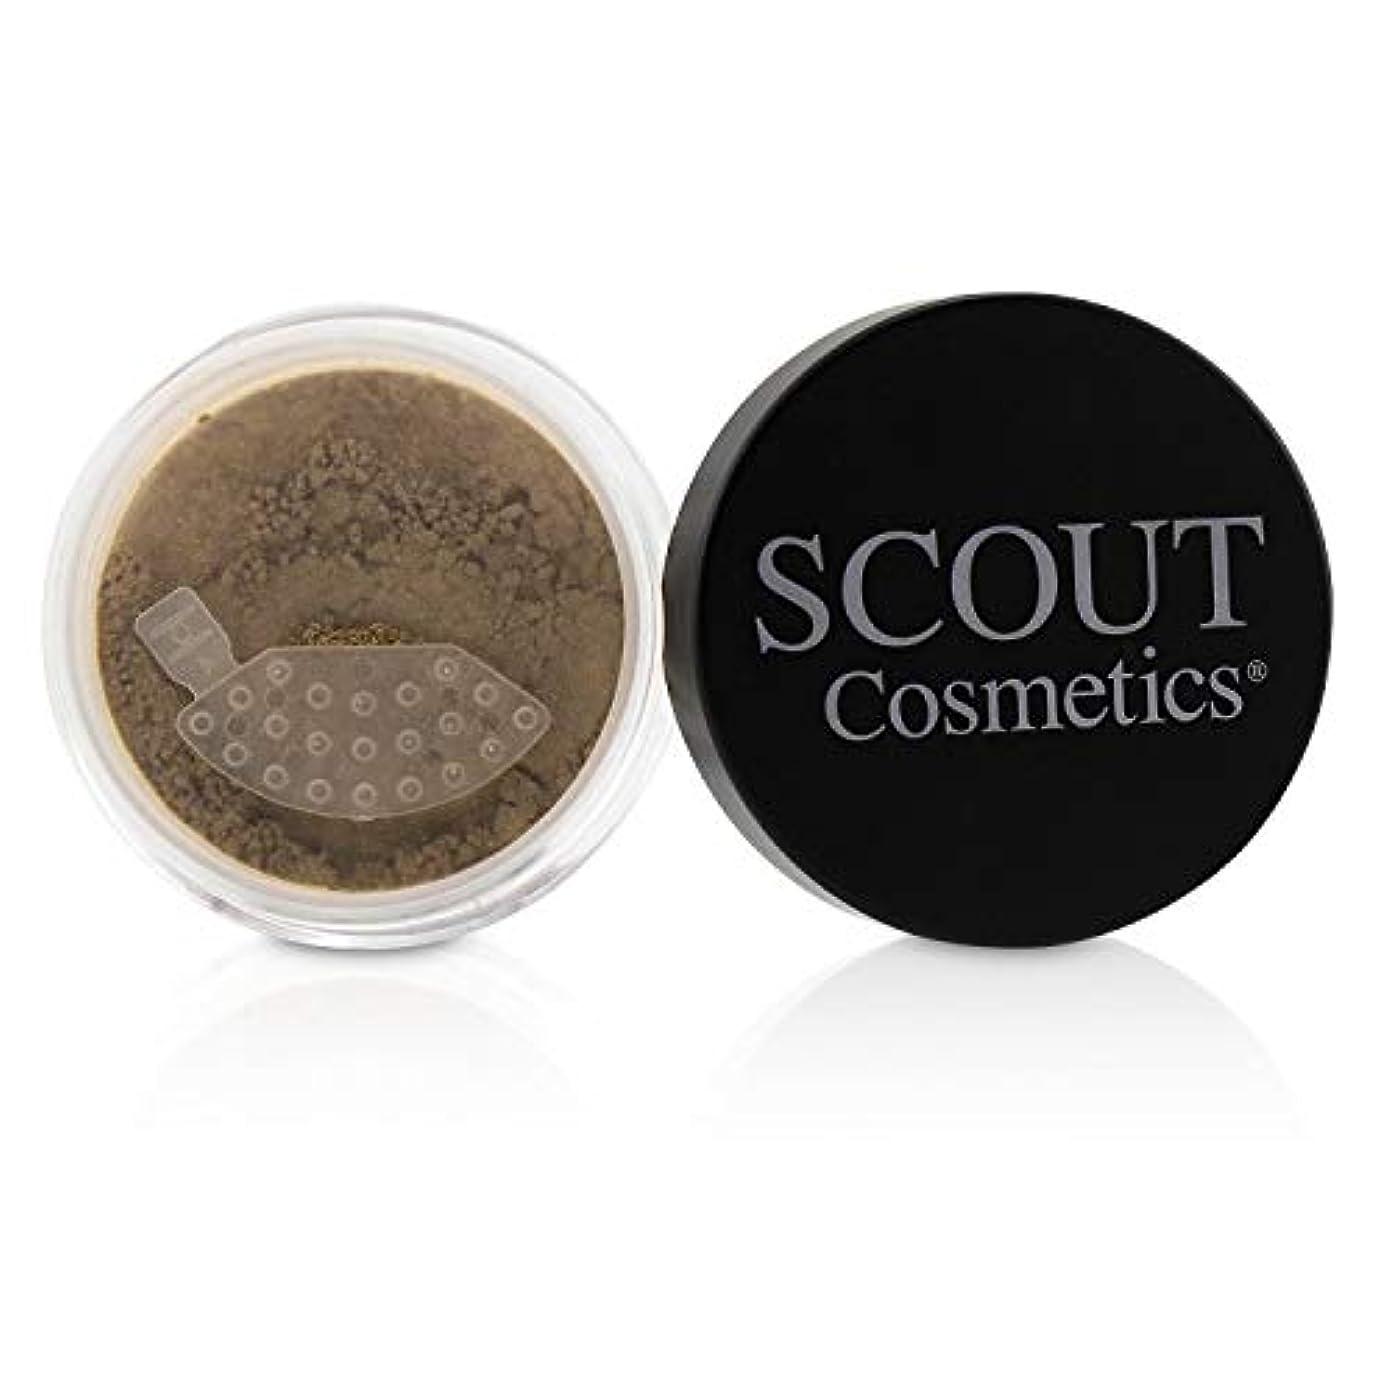 解明する復讐貫通SCOUT Cosmetics Mineral Powder Foundation SPF 20 - # Almond 8g/0.28oz並行輸入品